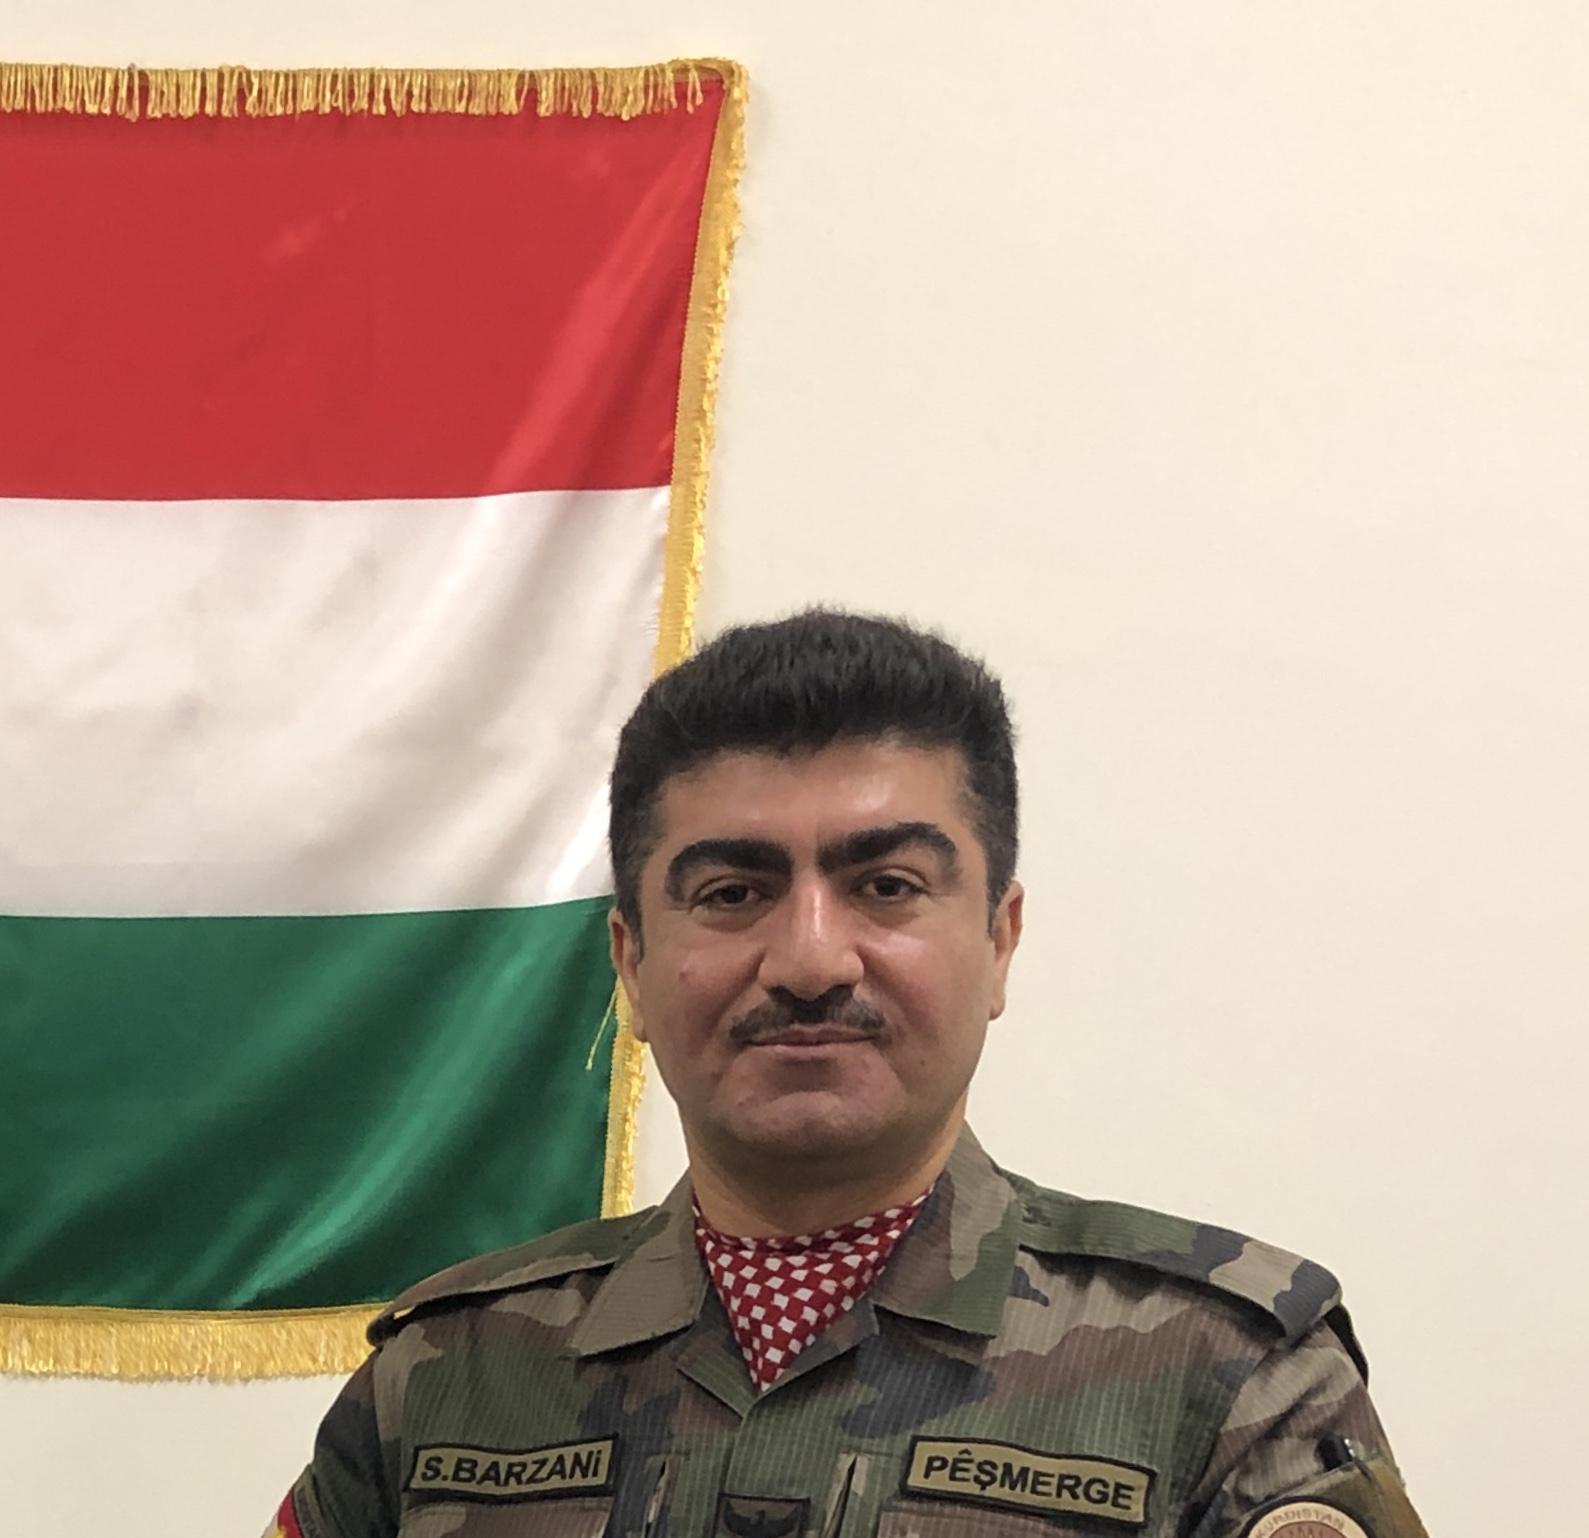 image2 - Major General Sirwan Barzani